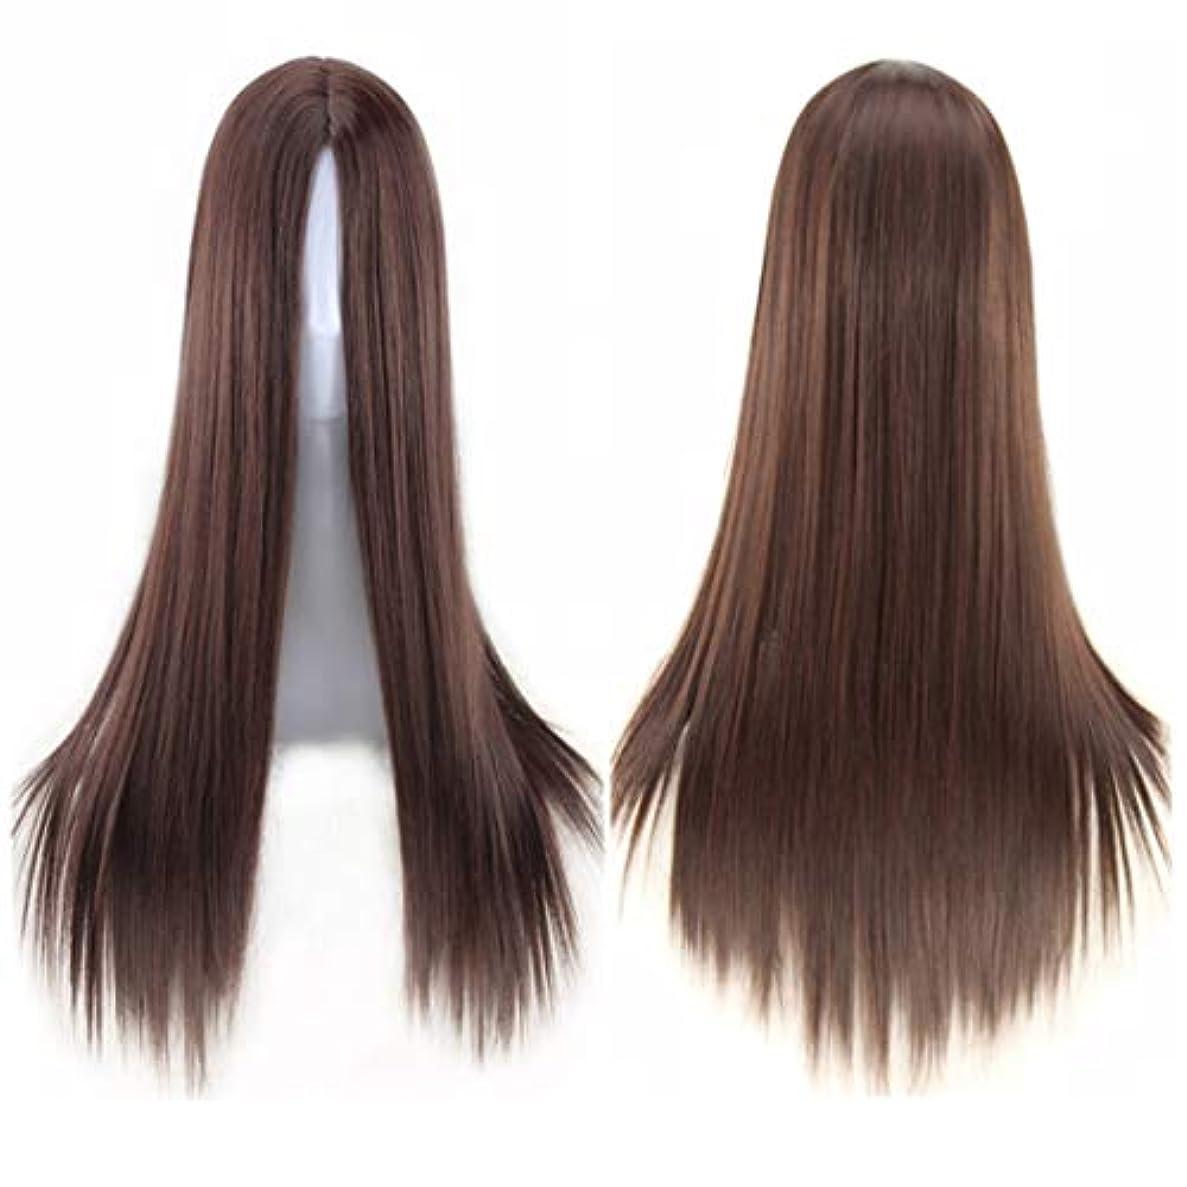 通路ハング何十人もKoloeplf ミドルの前髪のかつら耐熱ウィッグ65 cmのロングストレートウィッグの人々のためのパーティーパフォーマンスカラーウィッグ(マルチカラー) (Color : Navy brown)